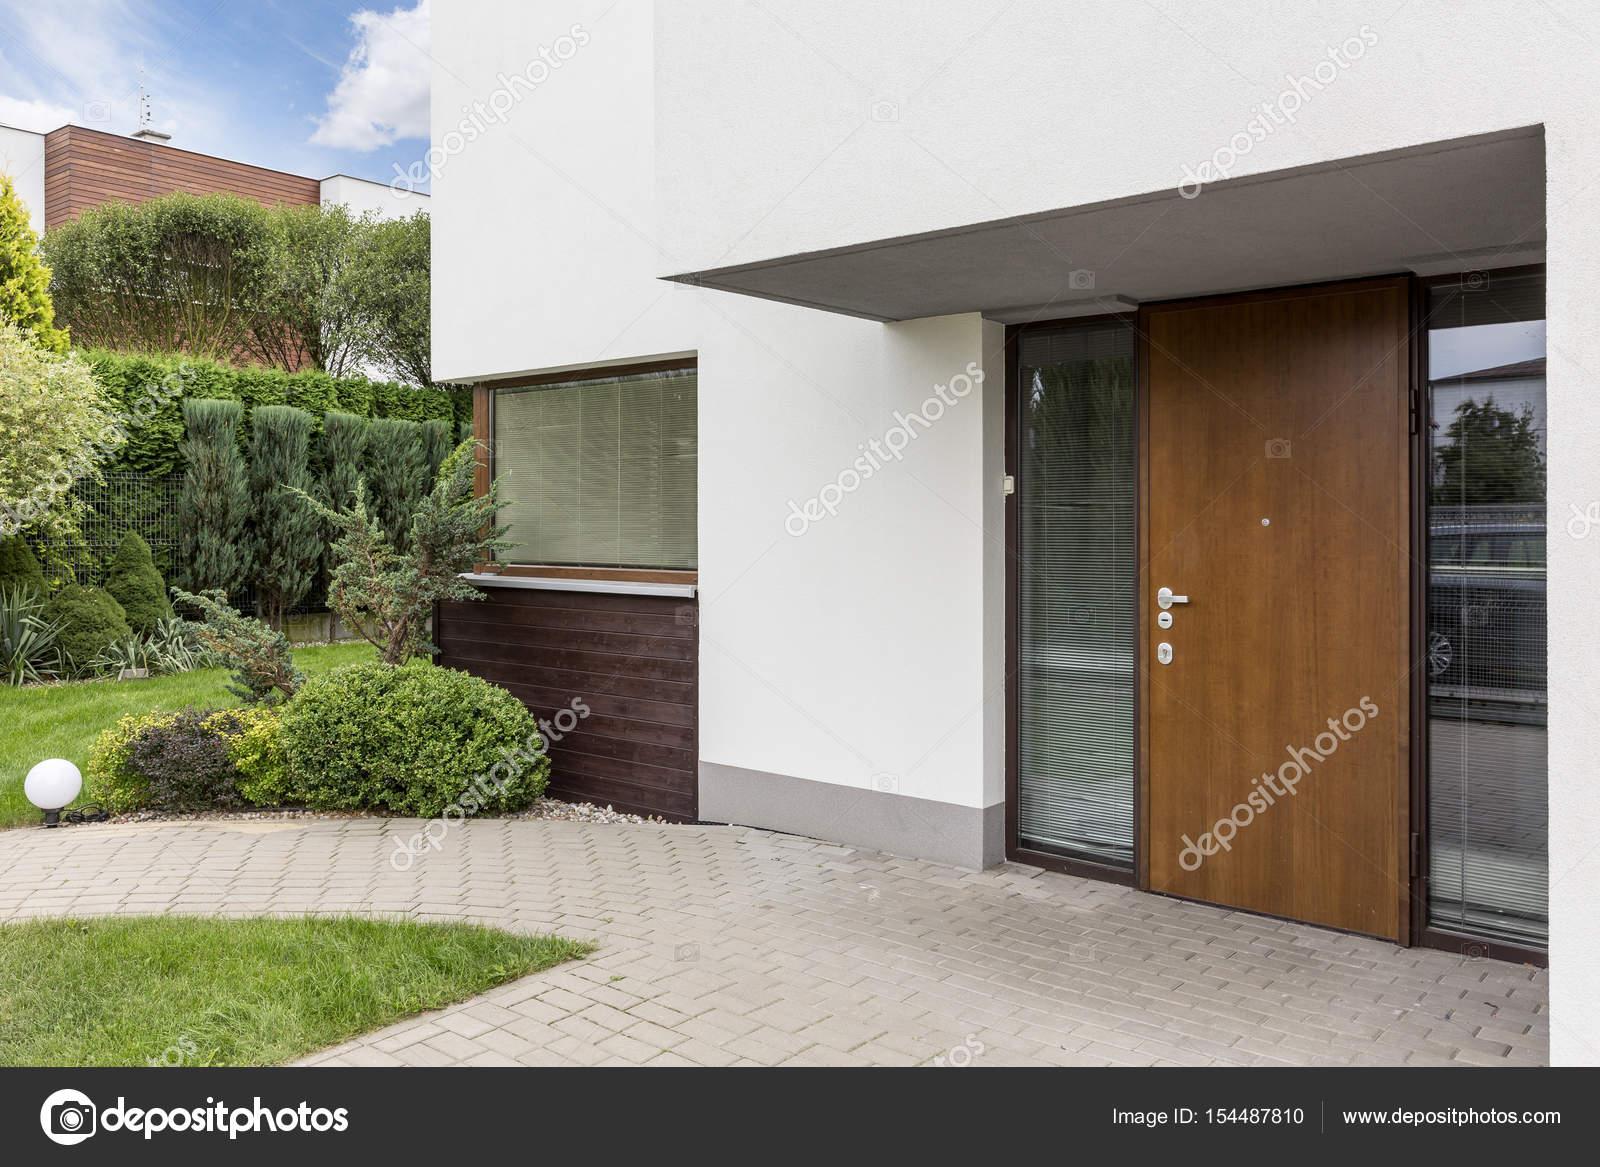 Entrada casa moderna puerta de entrada a casa moderna for Puertas de entrada de casas modernas